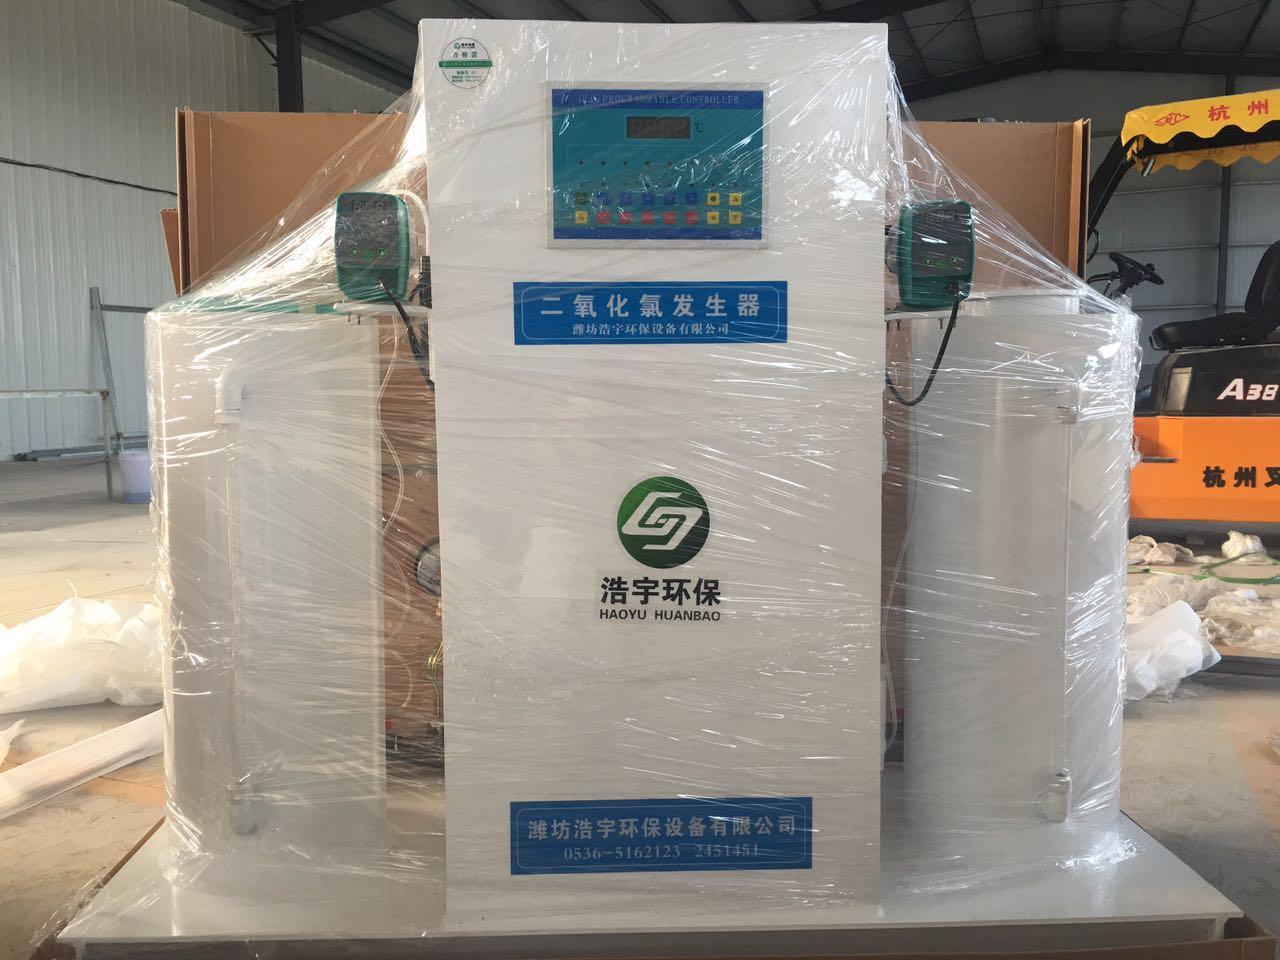 乡镇饮用水消毒设备 <br> 全新  价格:5500 <br> <img src=http://k.kqzp.cn/img/up/img/5f965e2bc709f.jpg